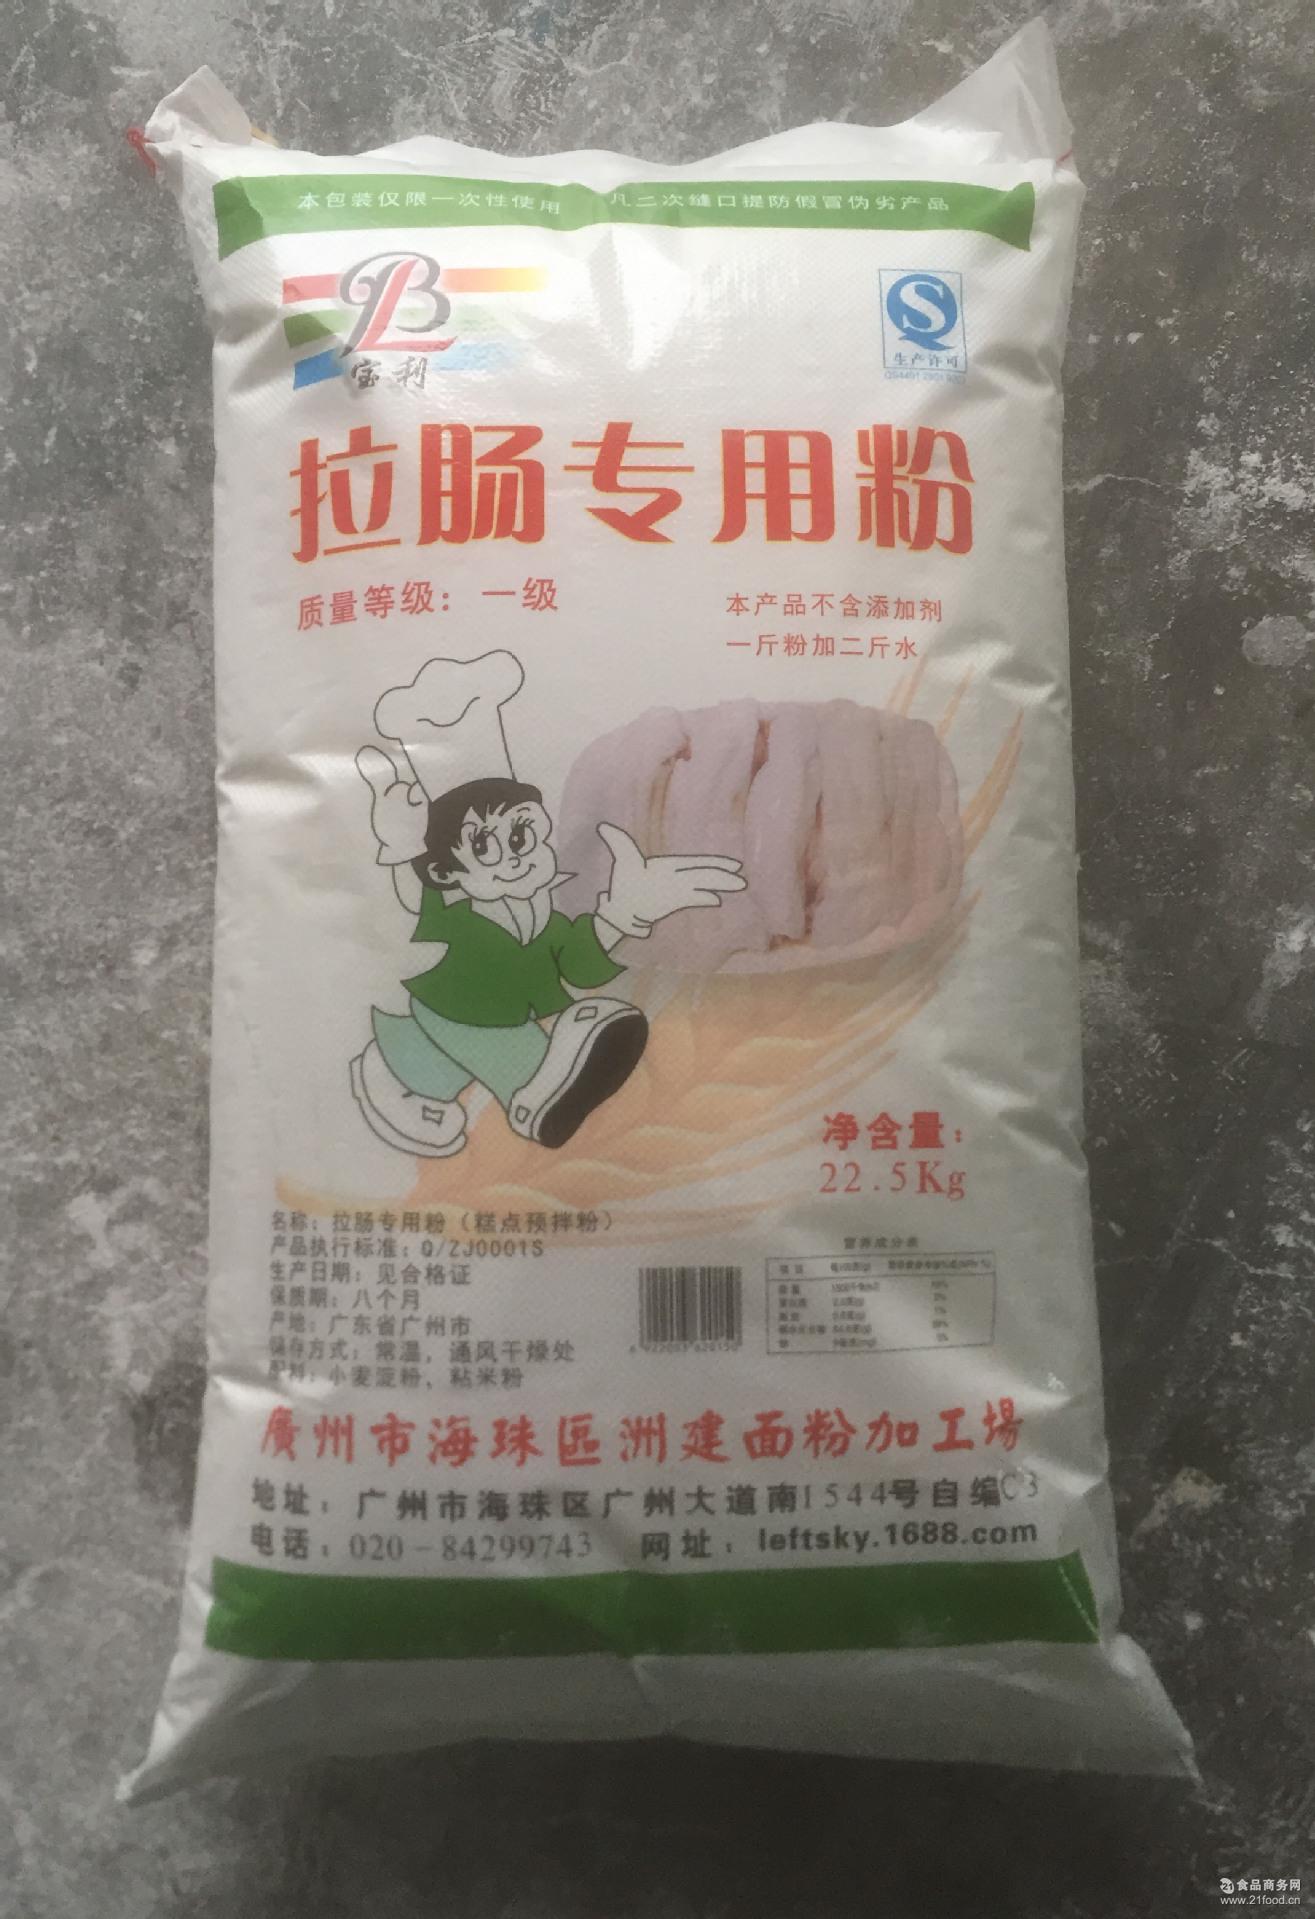 【宝利】拉肠专用粉 诚招代理商 肠粉专用粉 拉肠粉 厂家直销